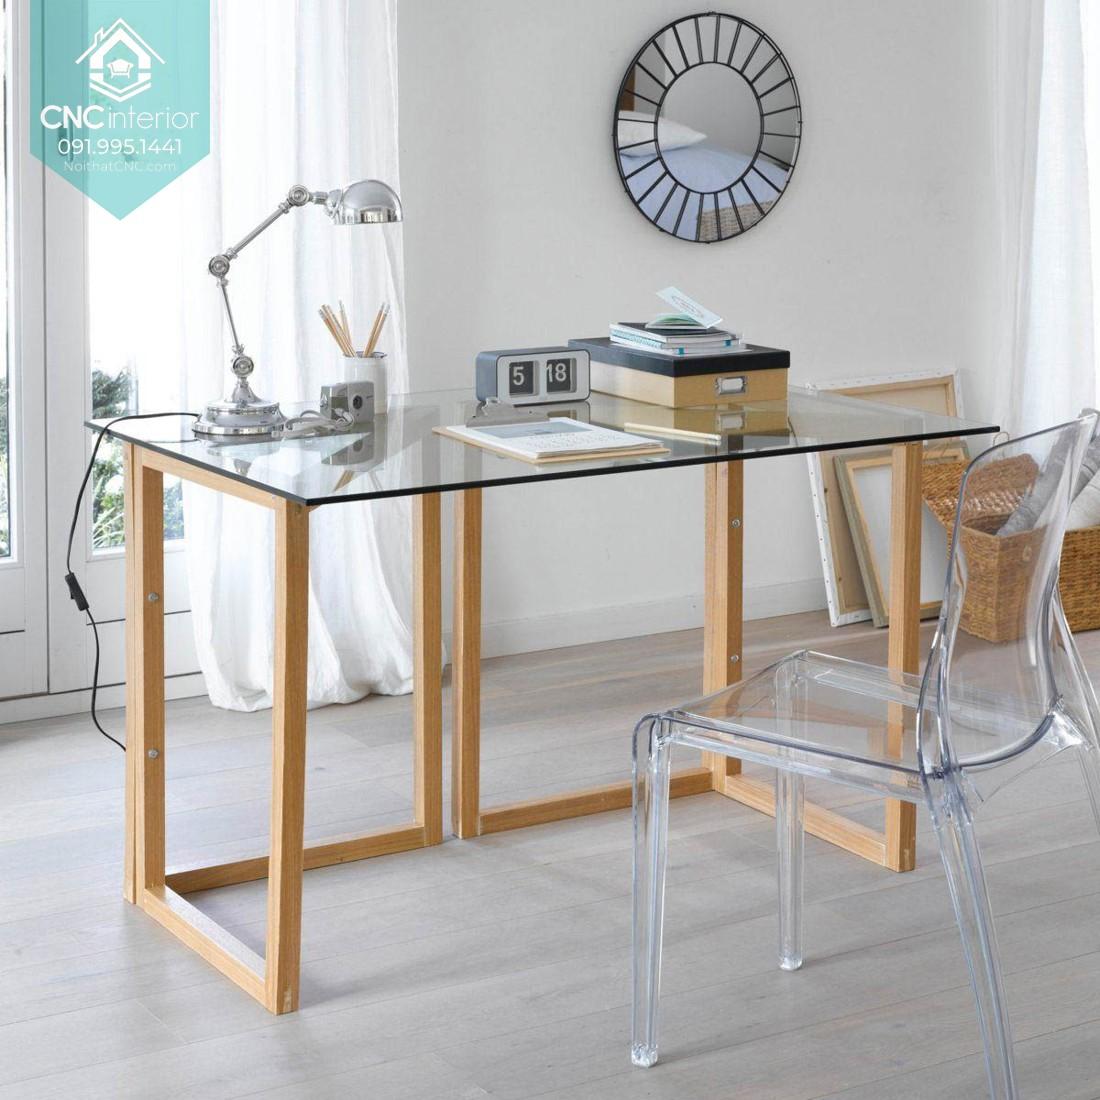 Ý tưởng thiết kế bàn làm việc trẻ trung, năng động